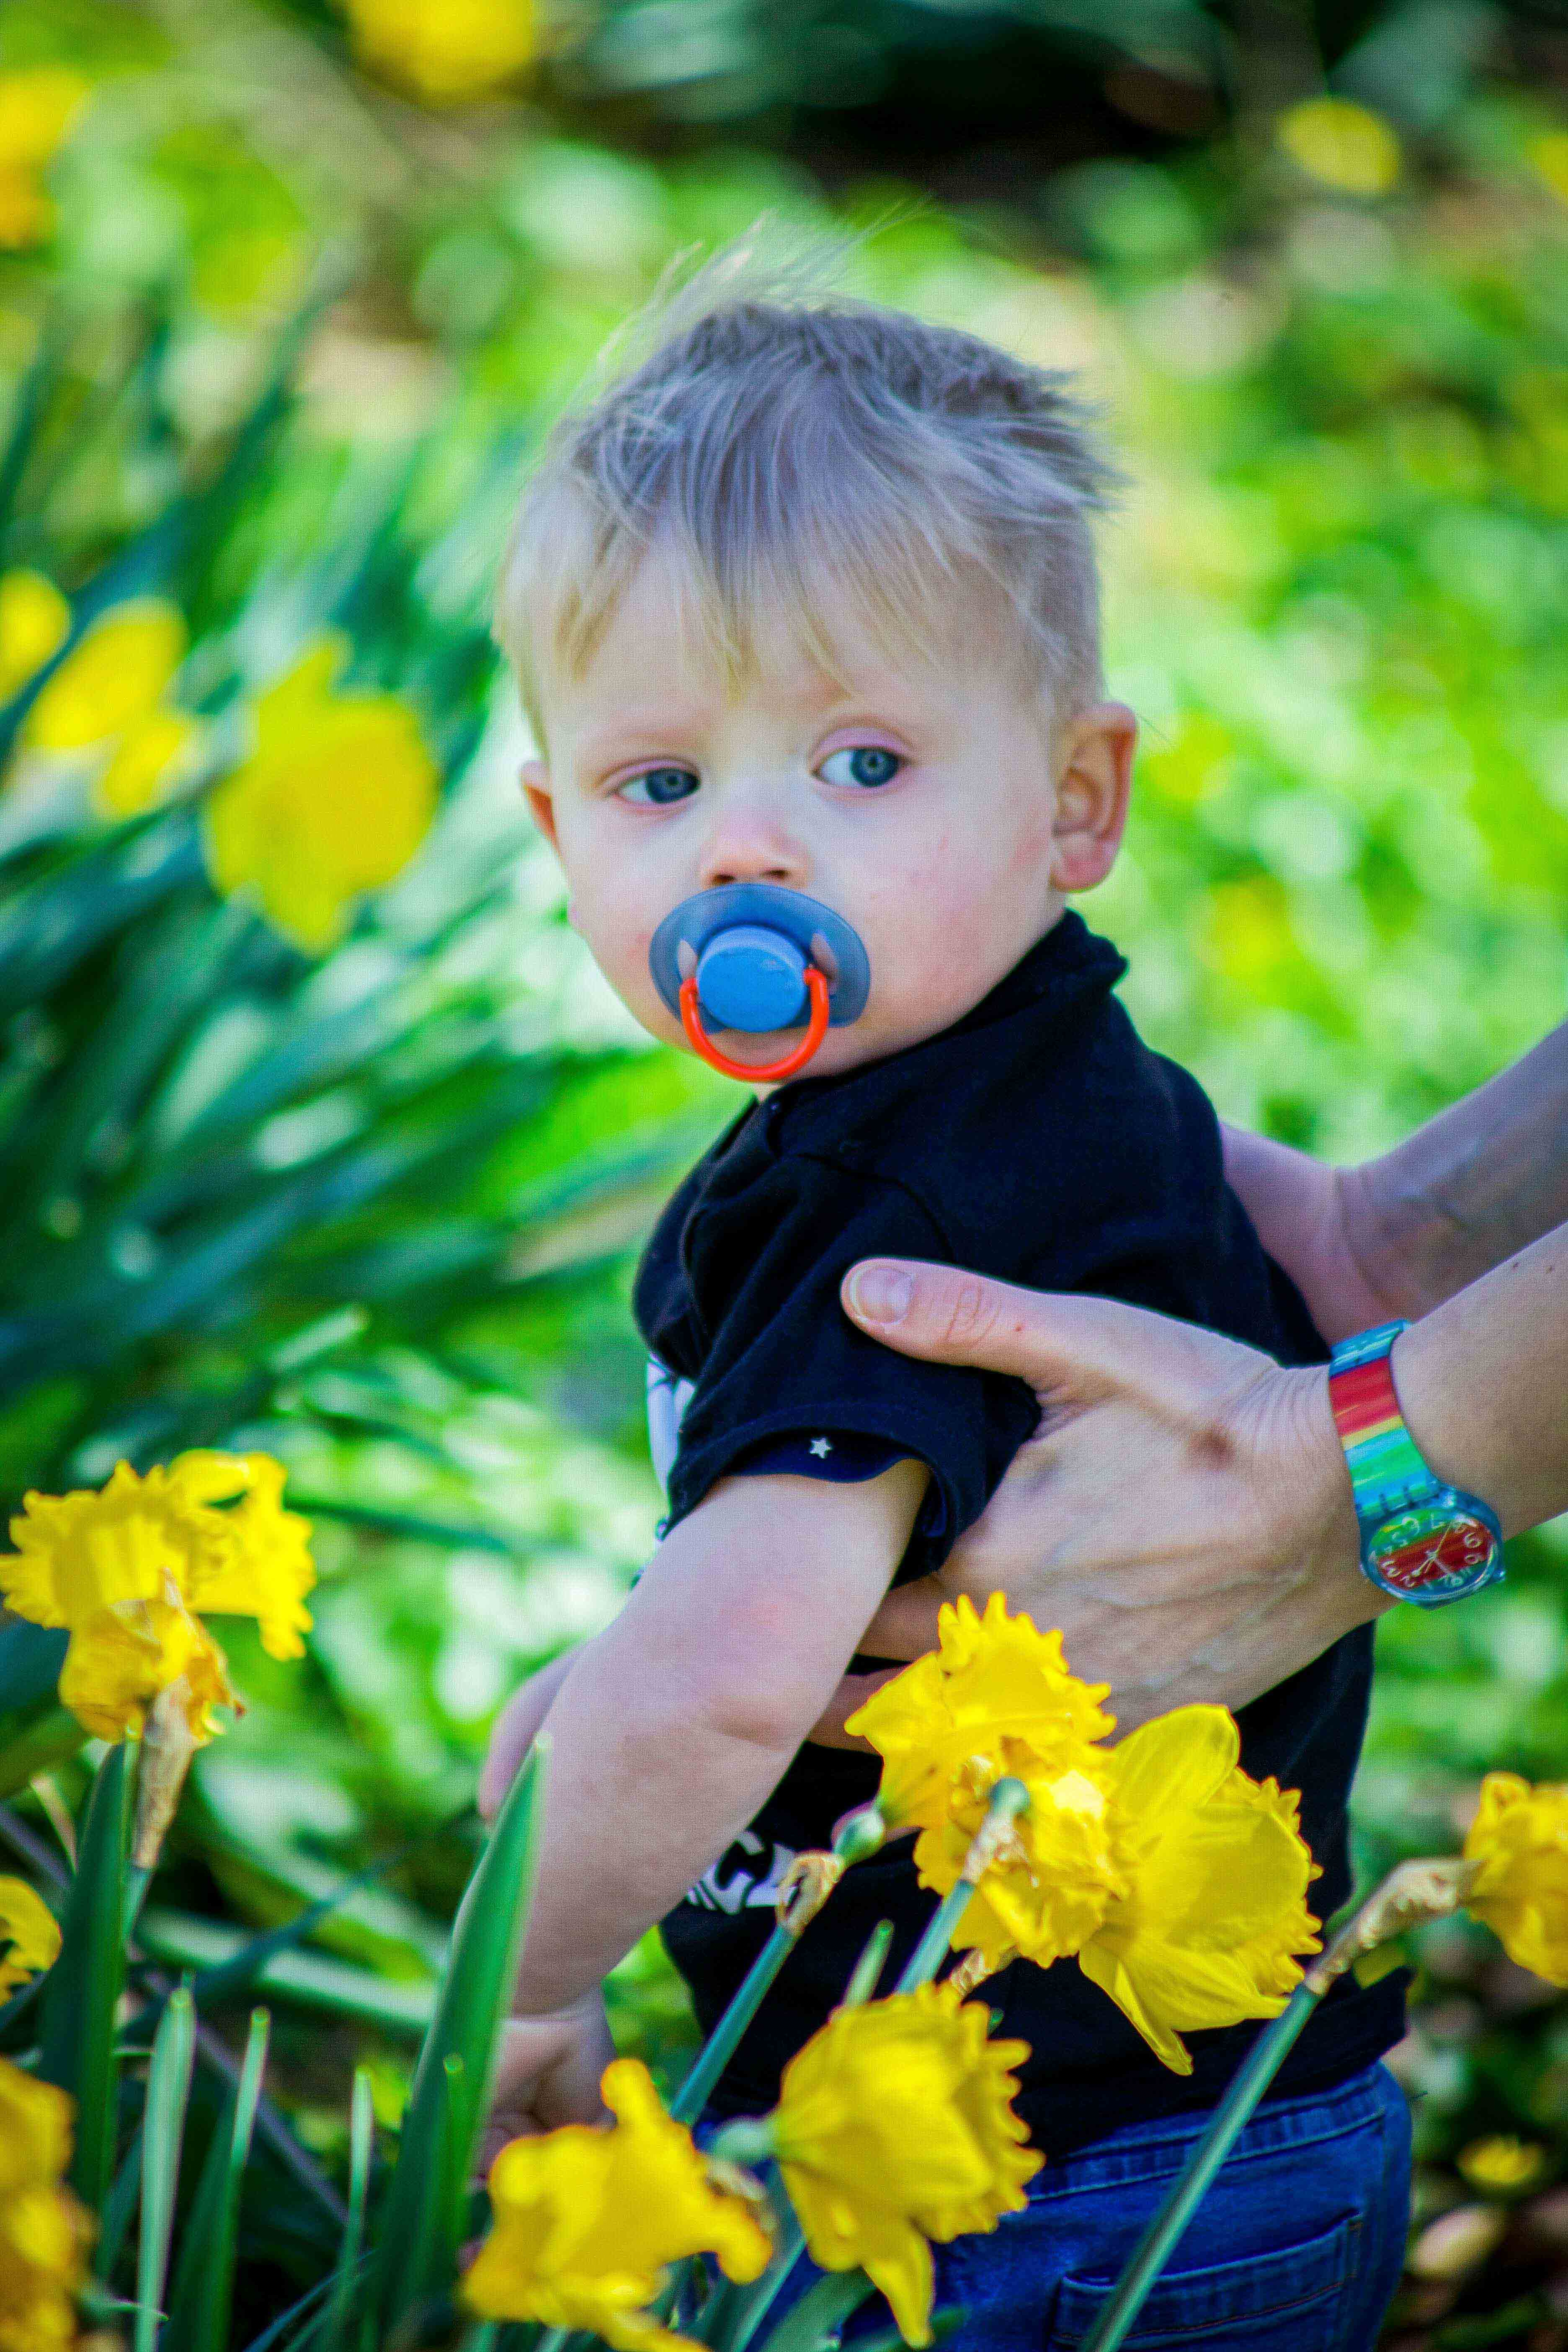 Sean Macreavy Media - Family & pets 5-5424